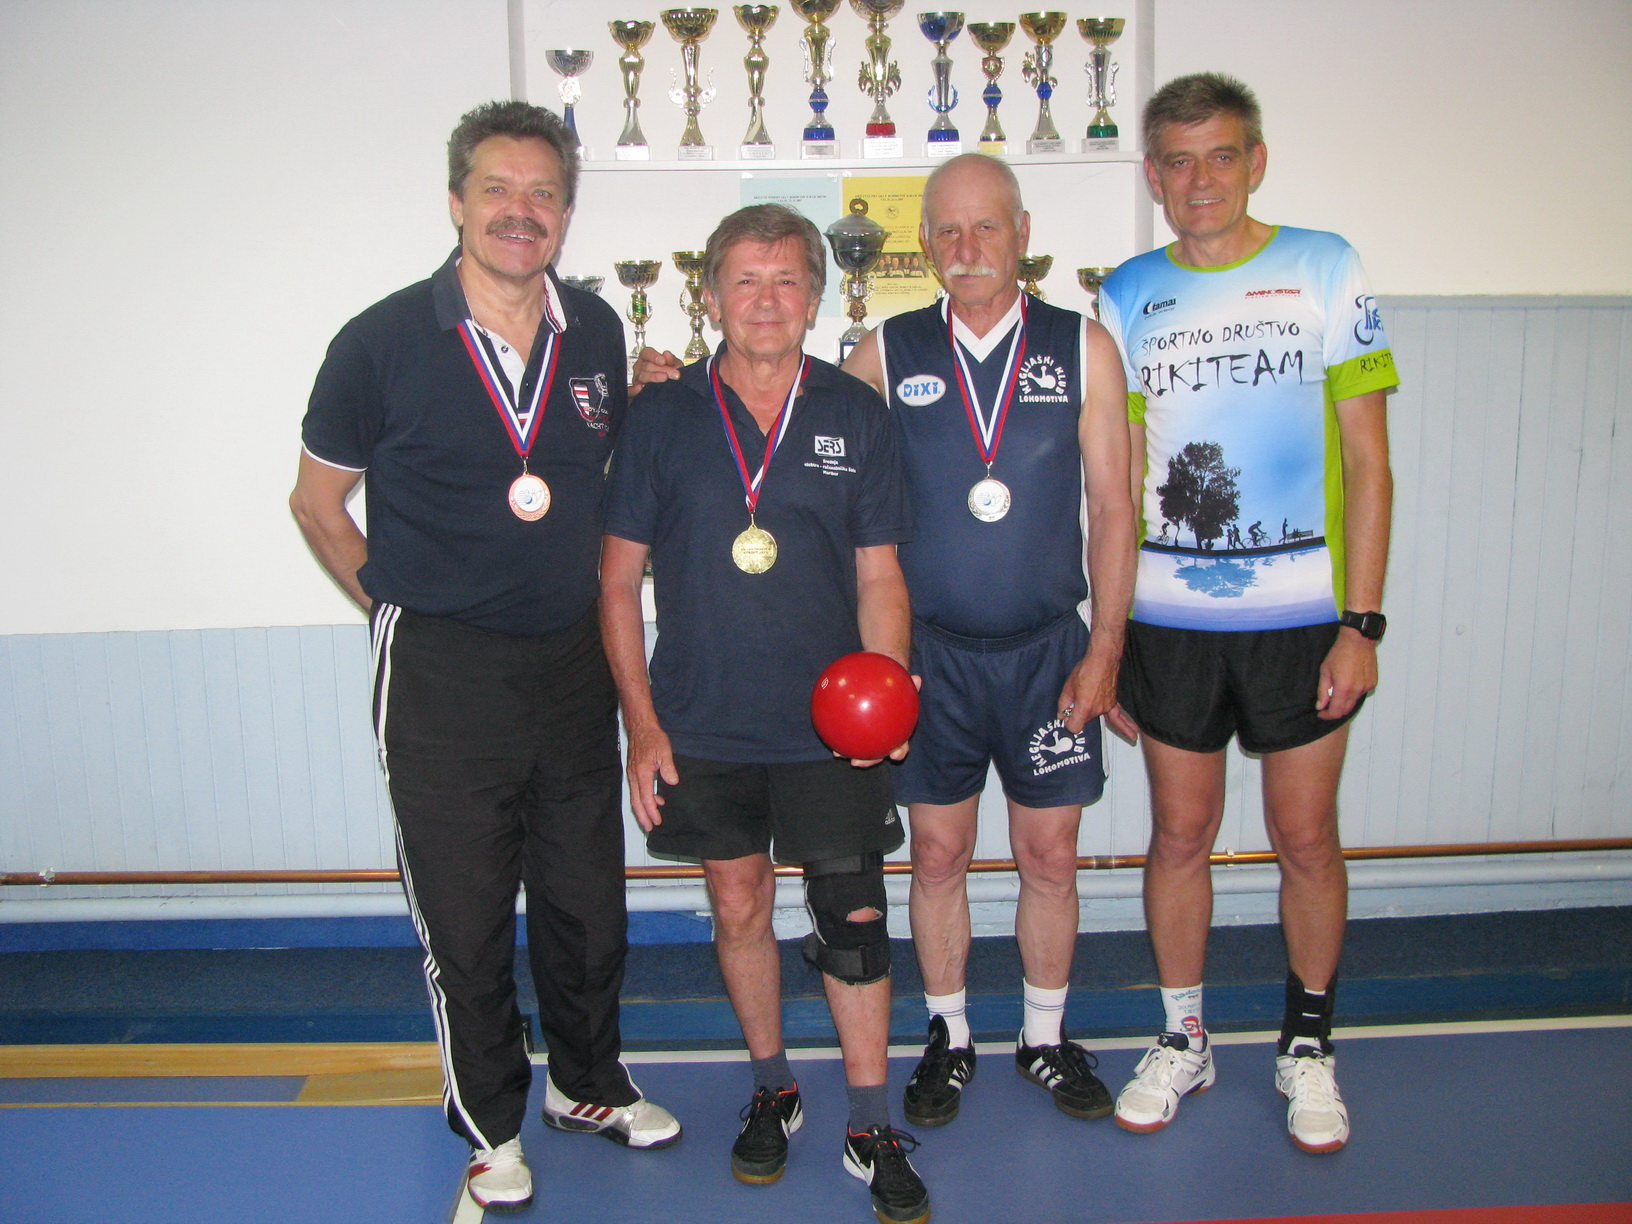 J. Špenga, zmagovale k. prvenstva v sprintu, 2015/16